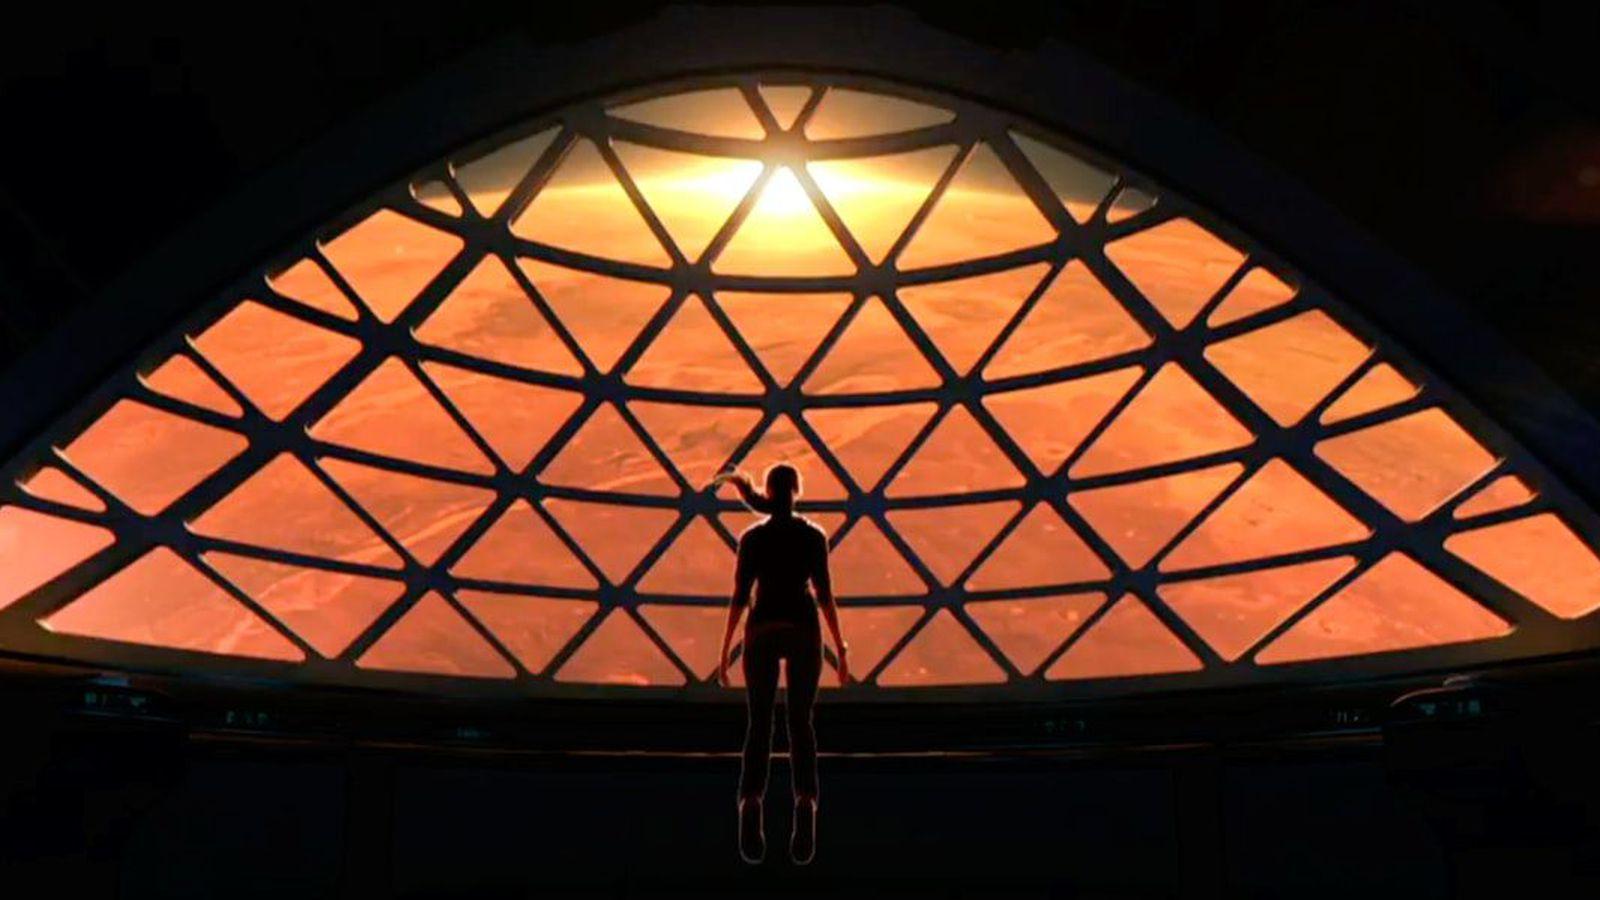 Путешествие на Марс: что может случиться с космонавтом на пути к планете и на ее поверхности - 1